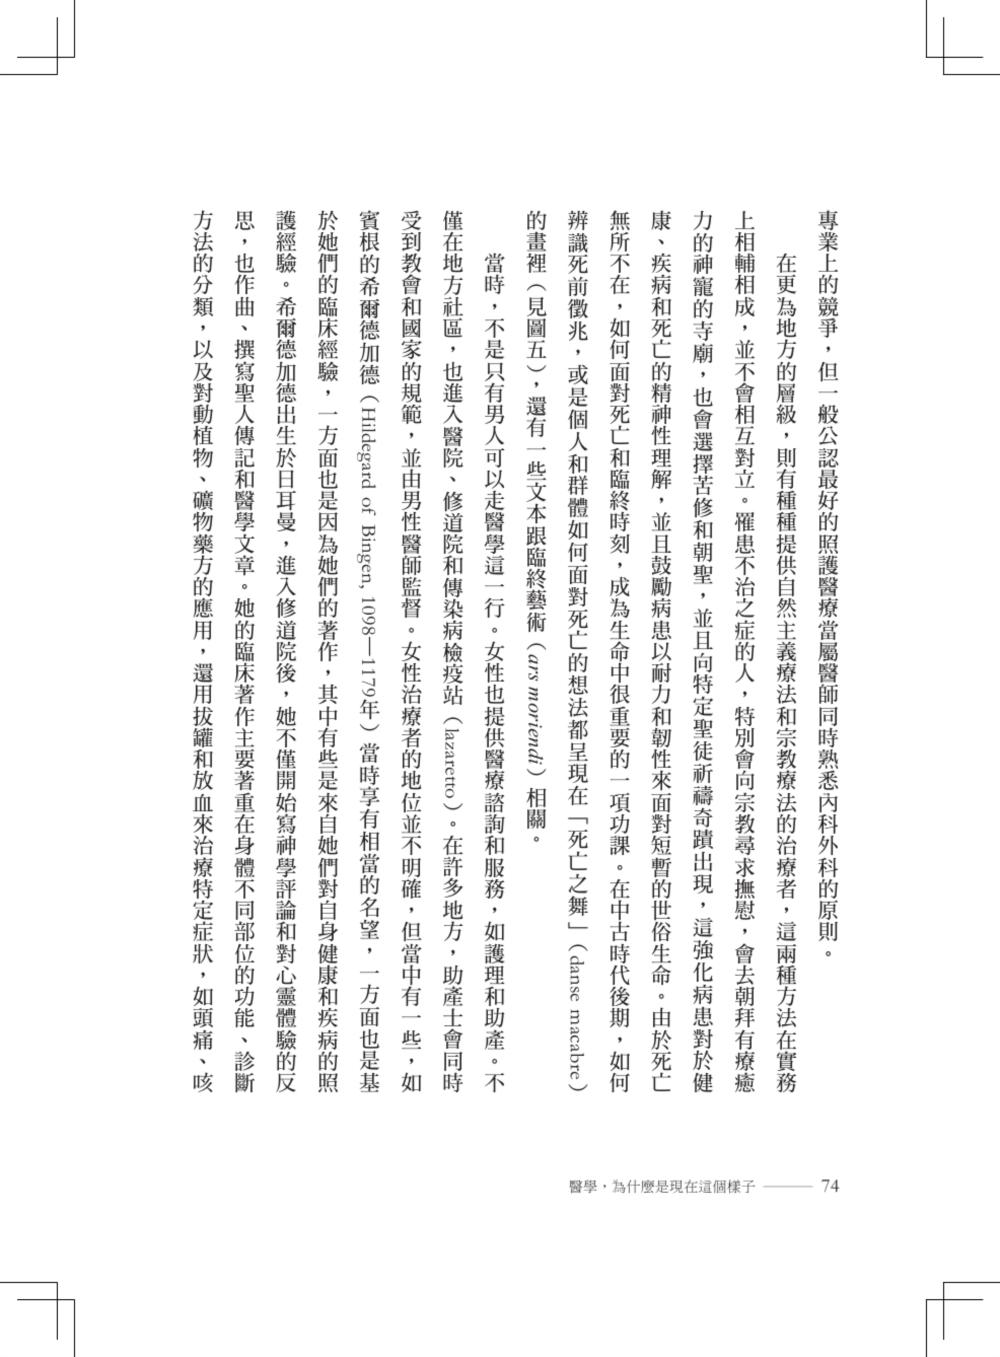 http://im1.book.com.tw/image/getImage?i=http://www.books.com.tw/img/001/072/55/0010725528_b_04.jpg&v=57c3d691&w=655&h=609